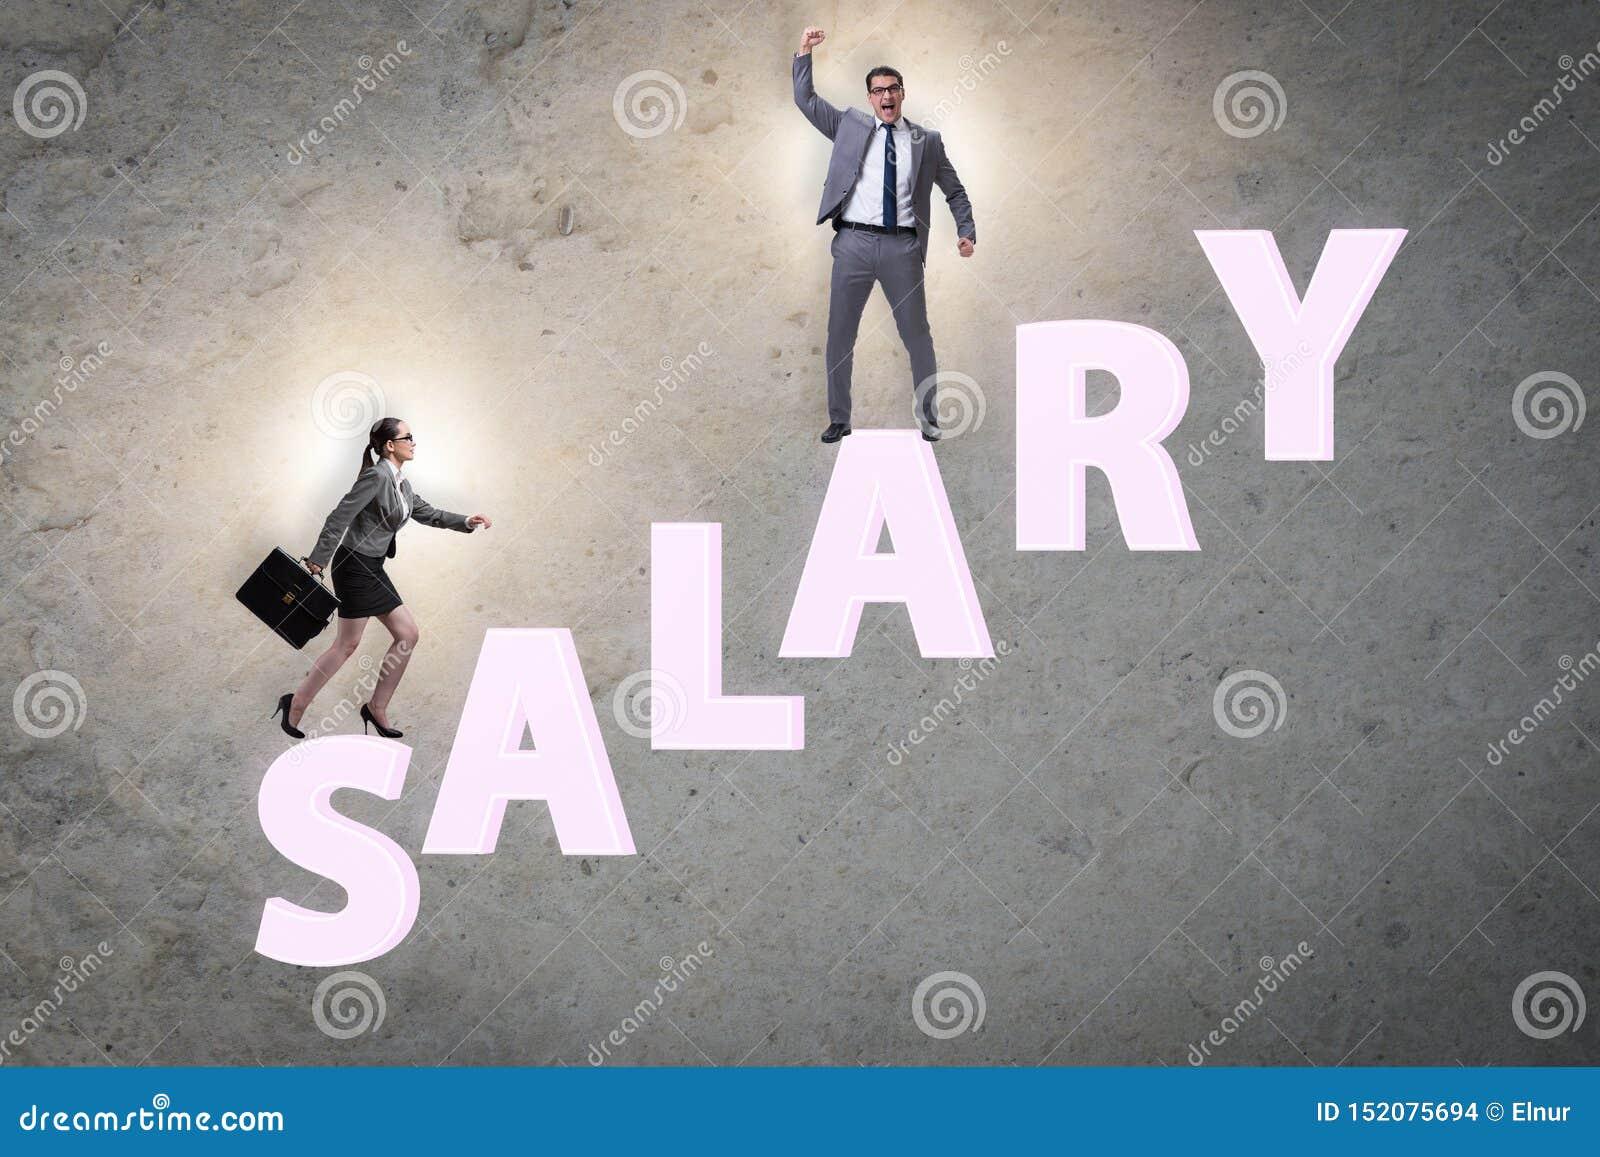 Konzept des ungleichen Gehalts zwischen Mann und Frau